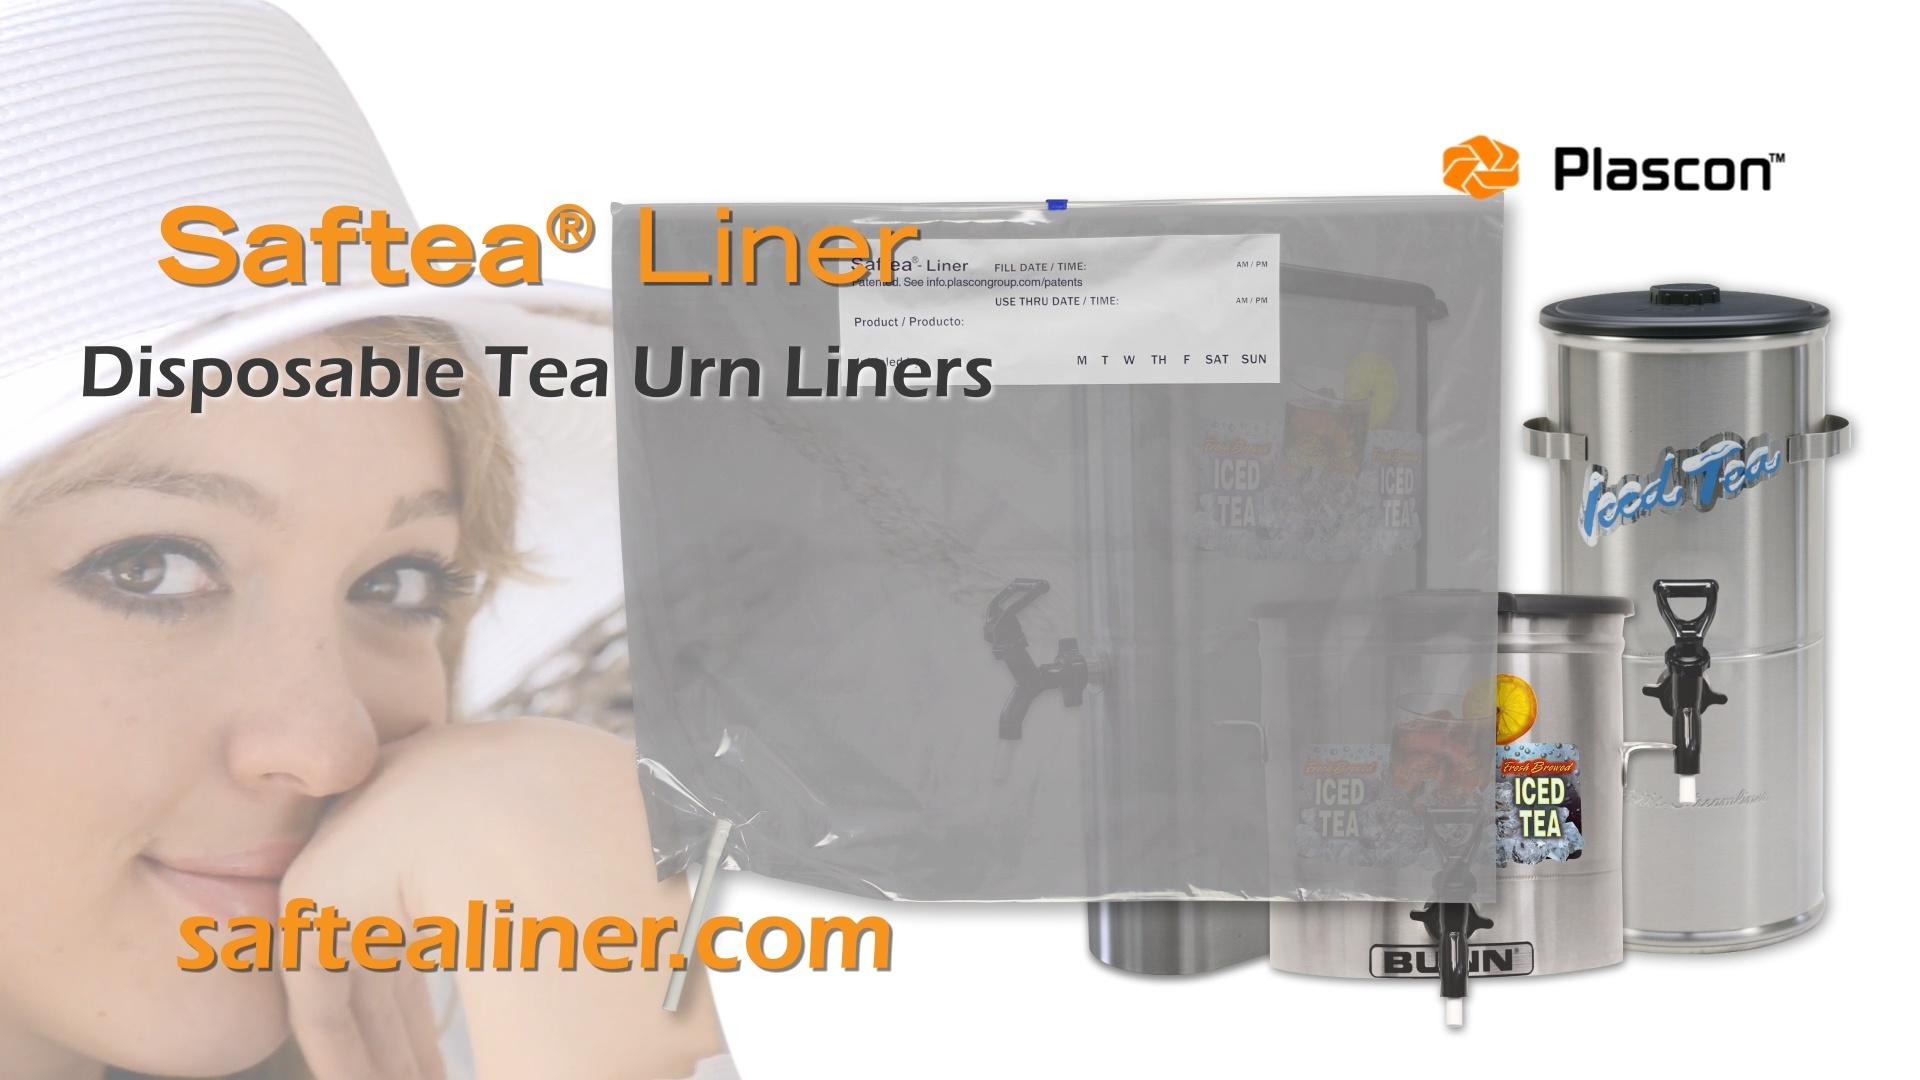 Saftea® Liner disposable tea urn liner